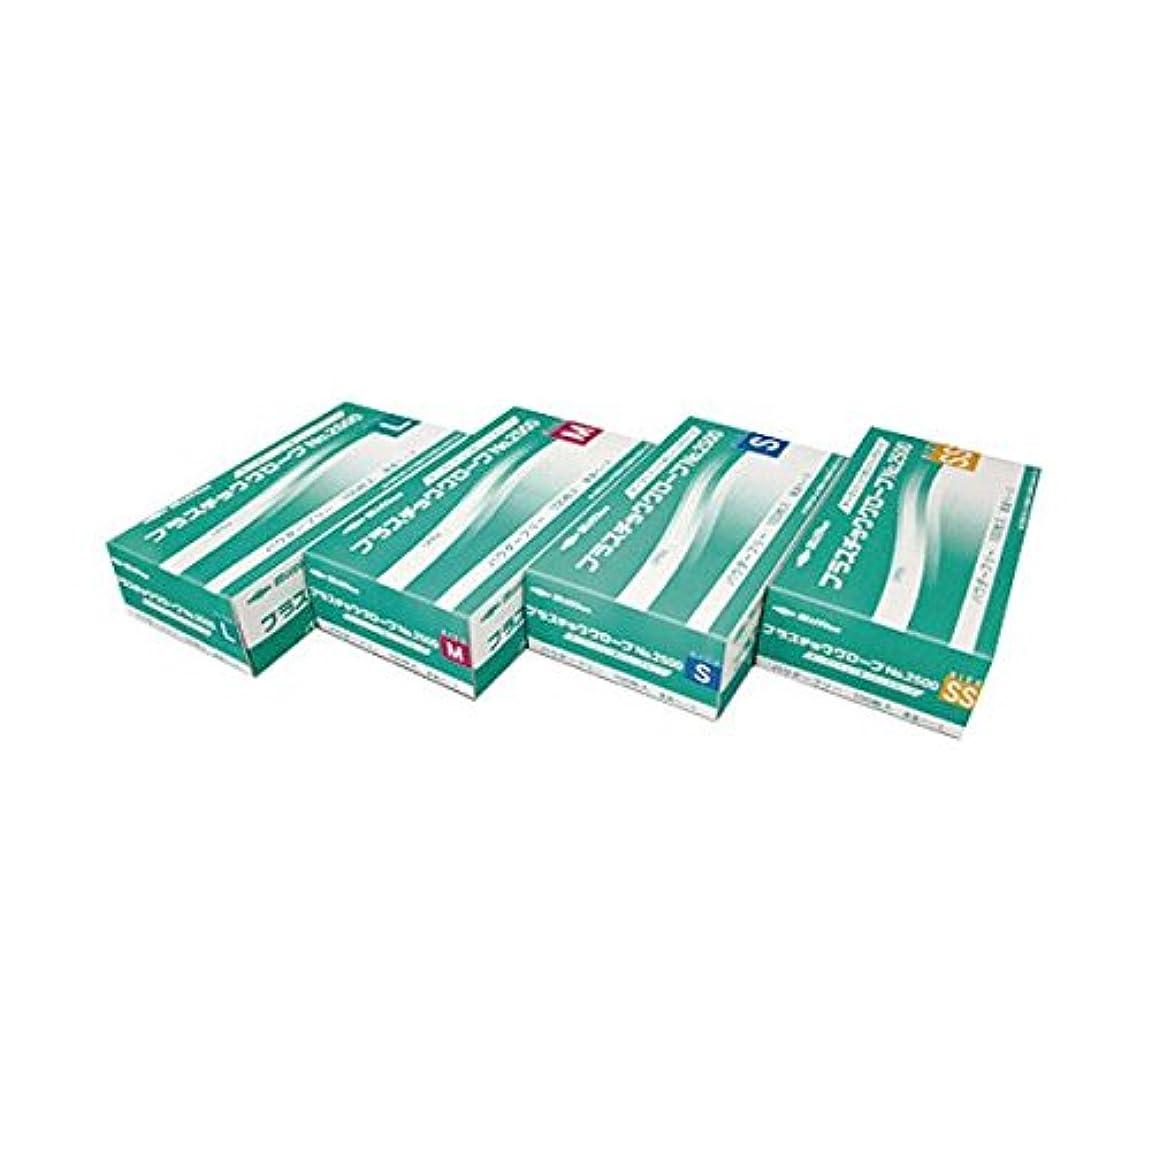 燃やす規範マイクロ共和 プラスチックグローブNo2500 L ds-1915787